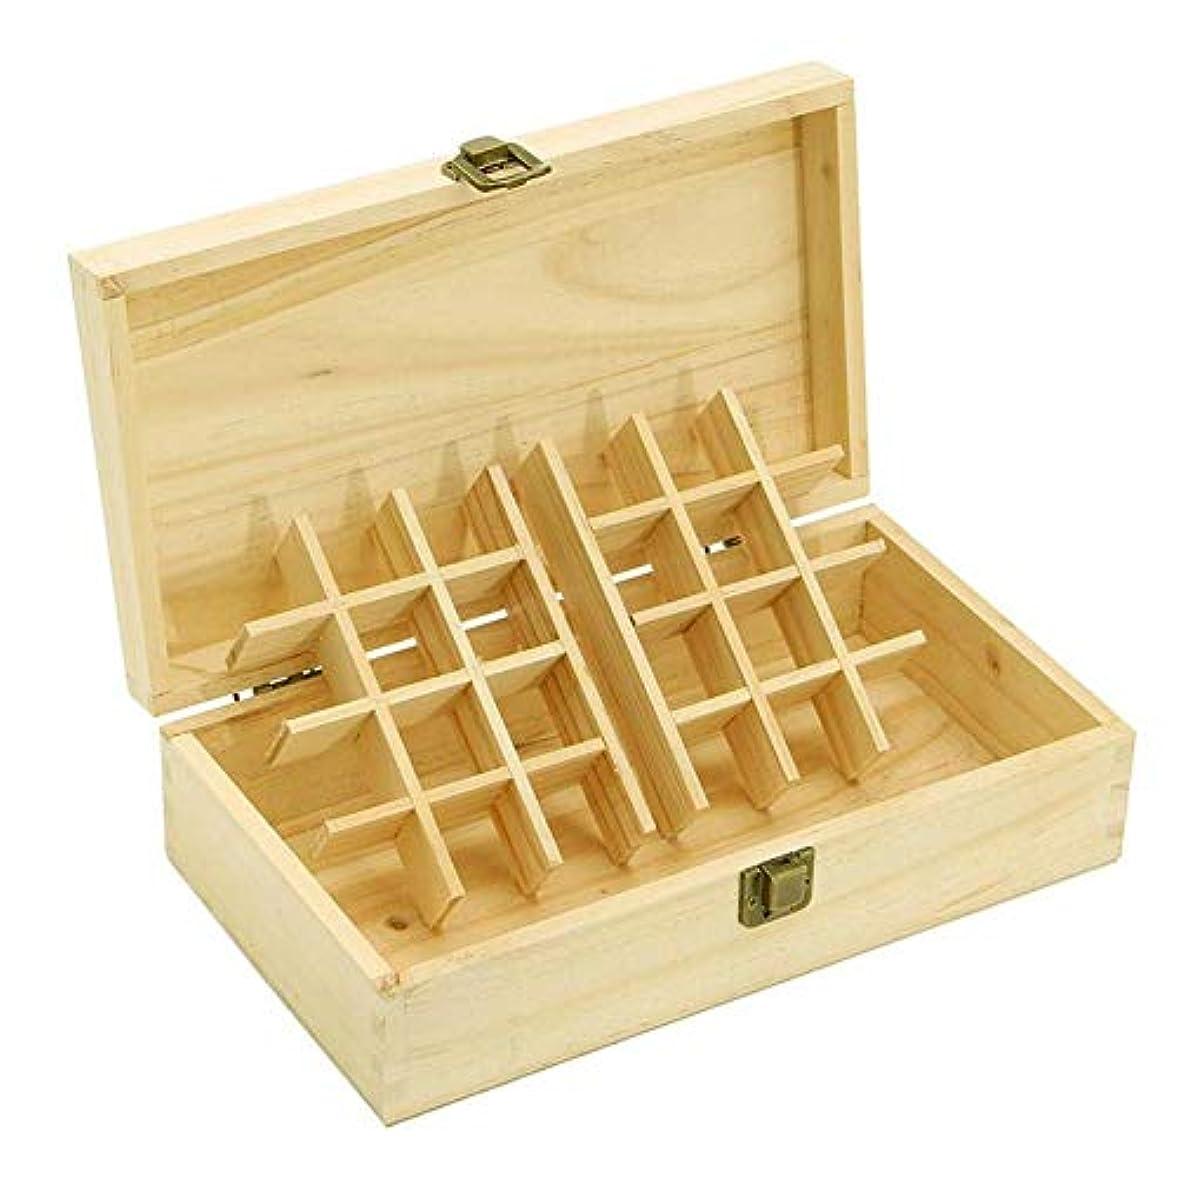 導入する組ポジションエッセンシャルオイル収納ボックス 純木の精油の収納箱 香水収納ケース アロマオイル収納ボックス